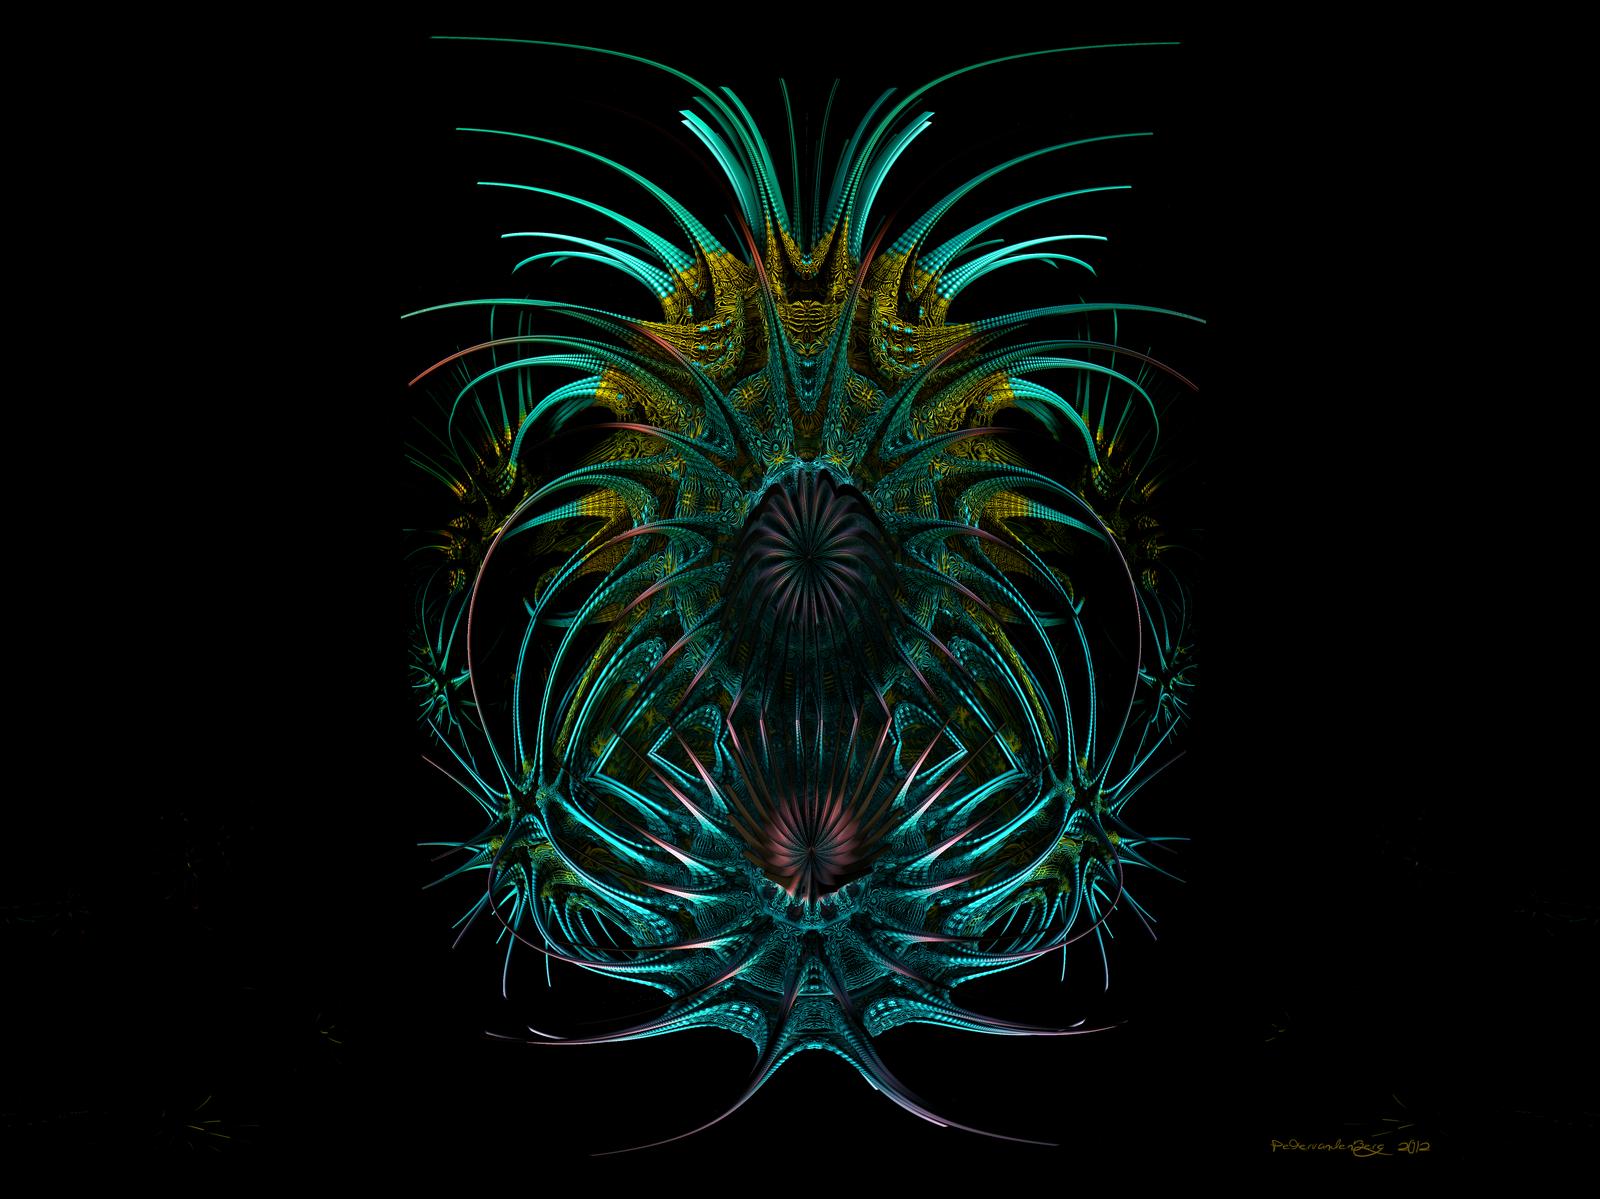 Tentakels by MandelCr8tor